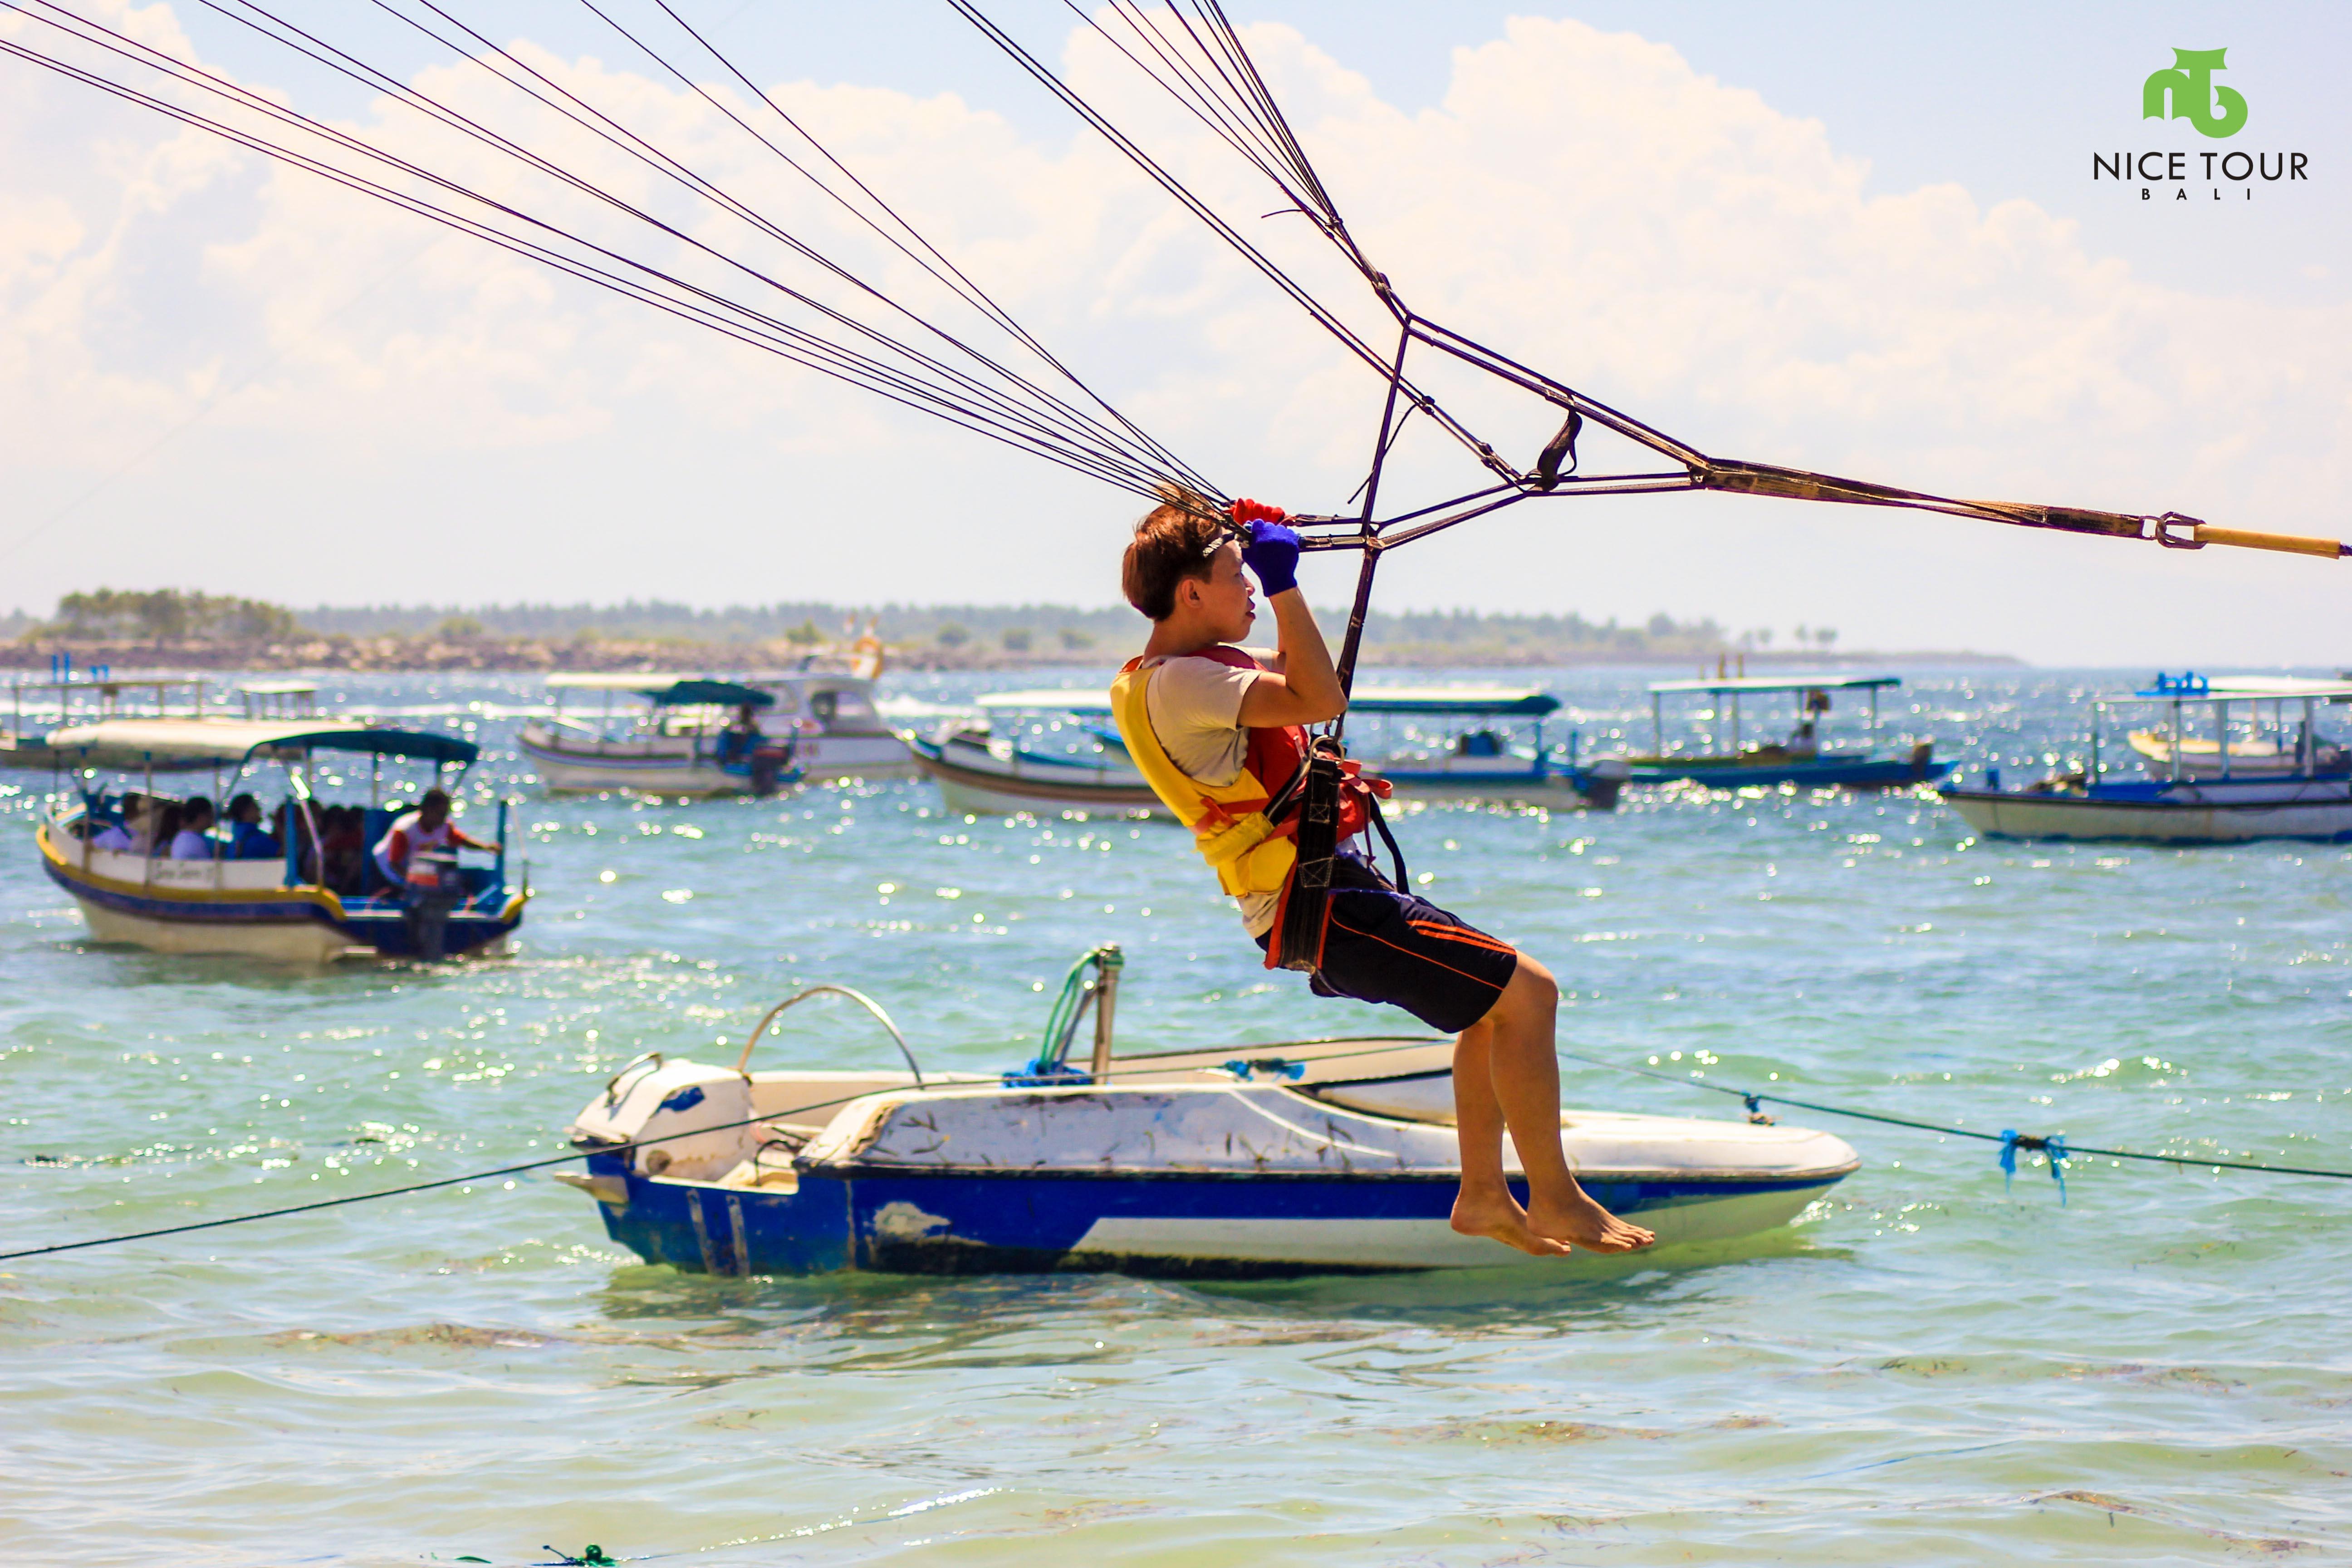 Parasailing water sports at Bali